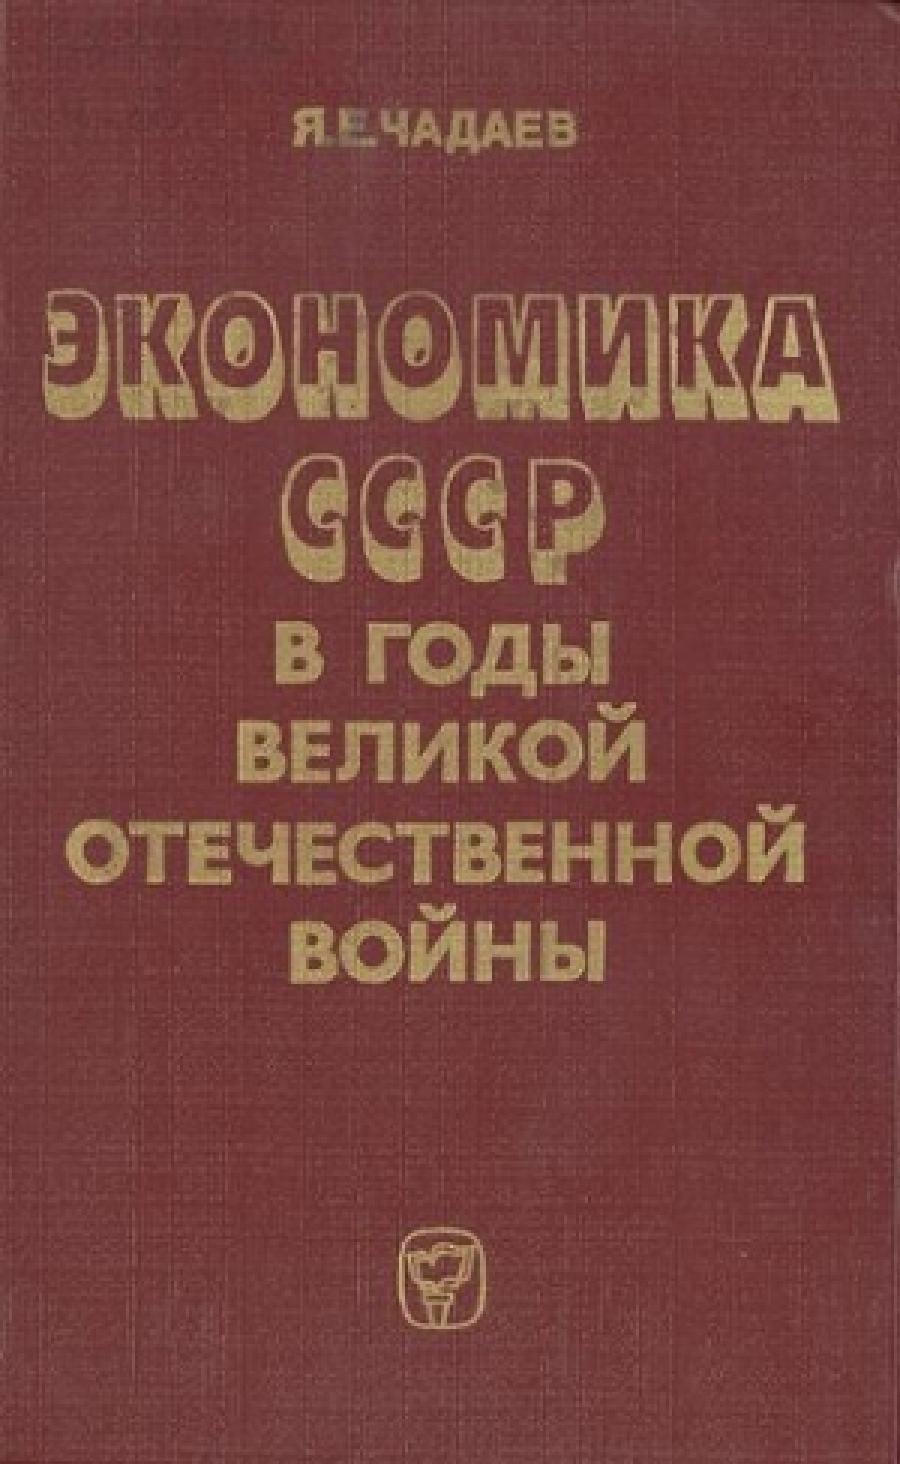 Обложка книги:  чадаев я.е. - экономика ссср в годы великой отечественной войны (1941—1945 гг.)